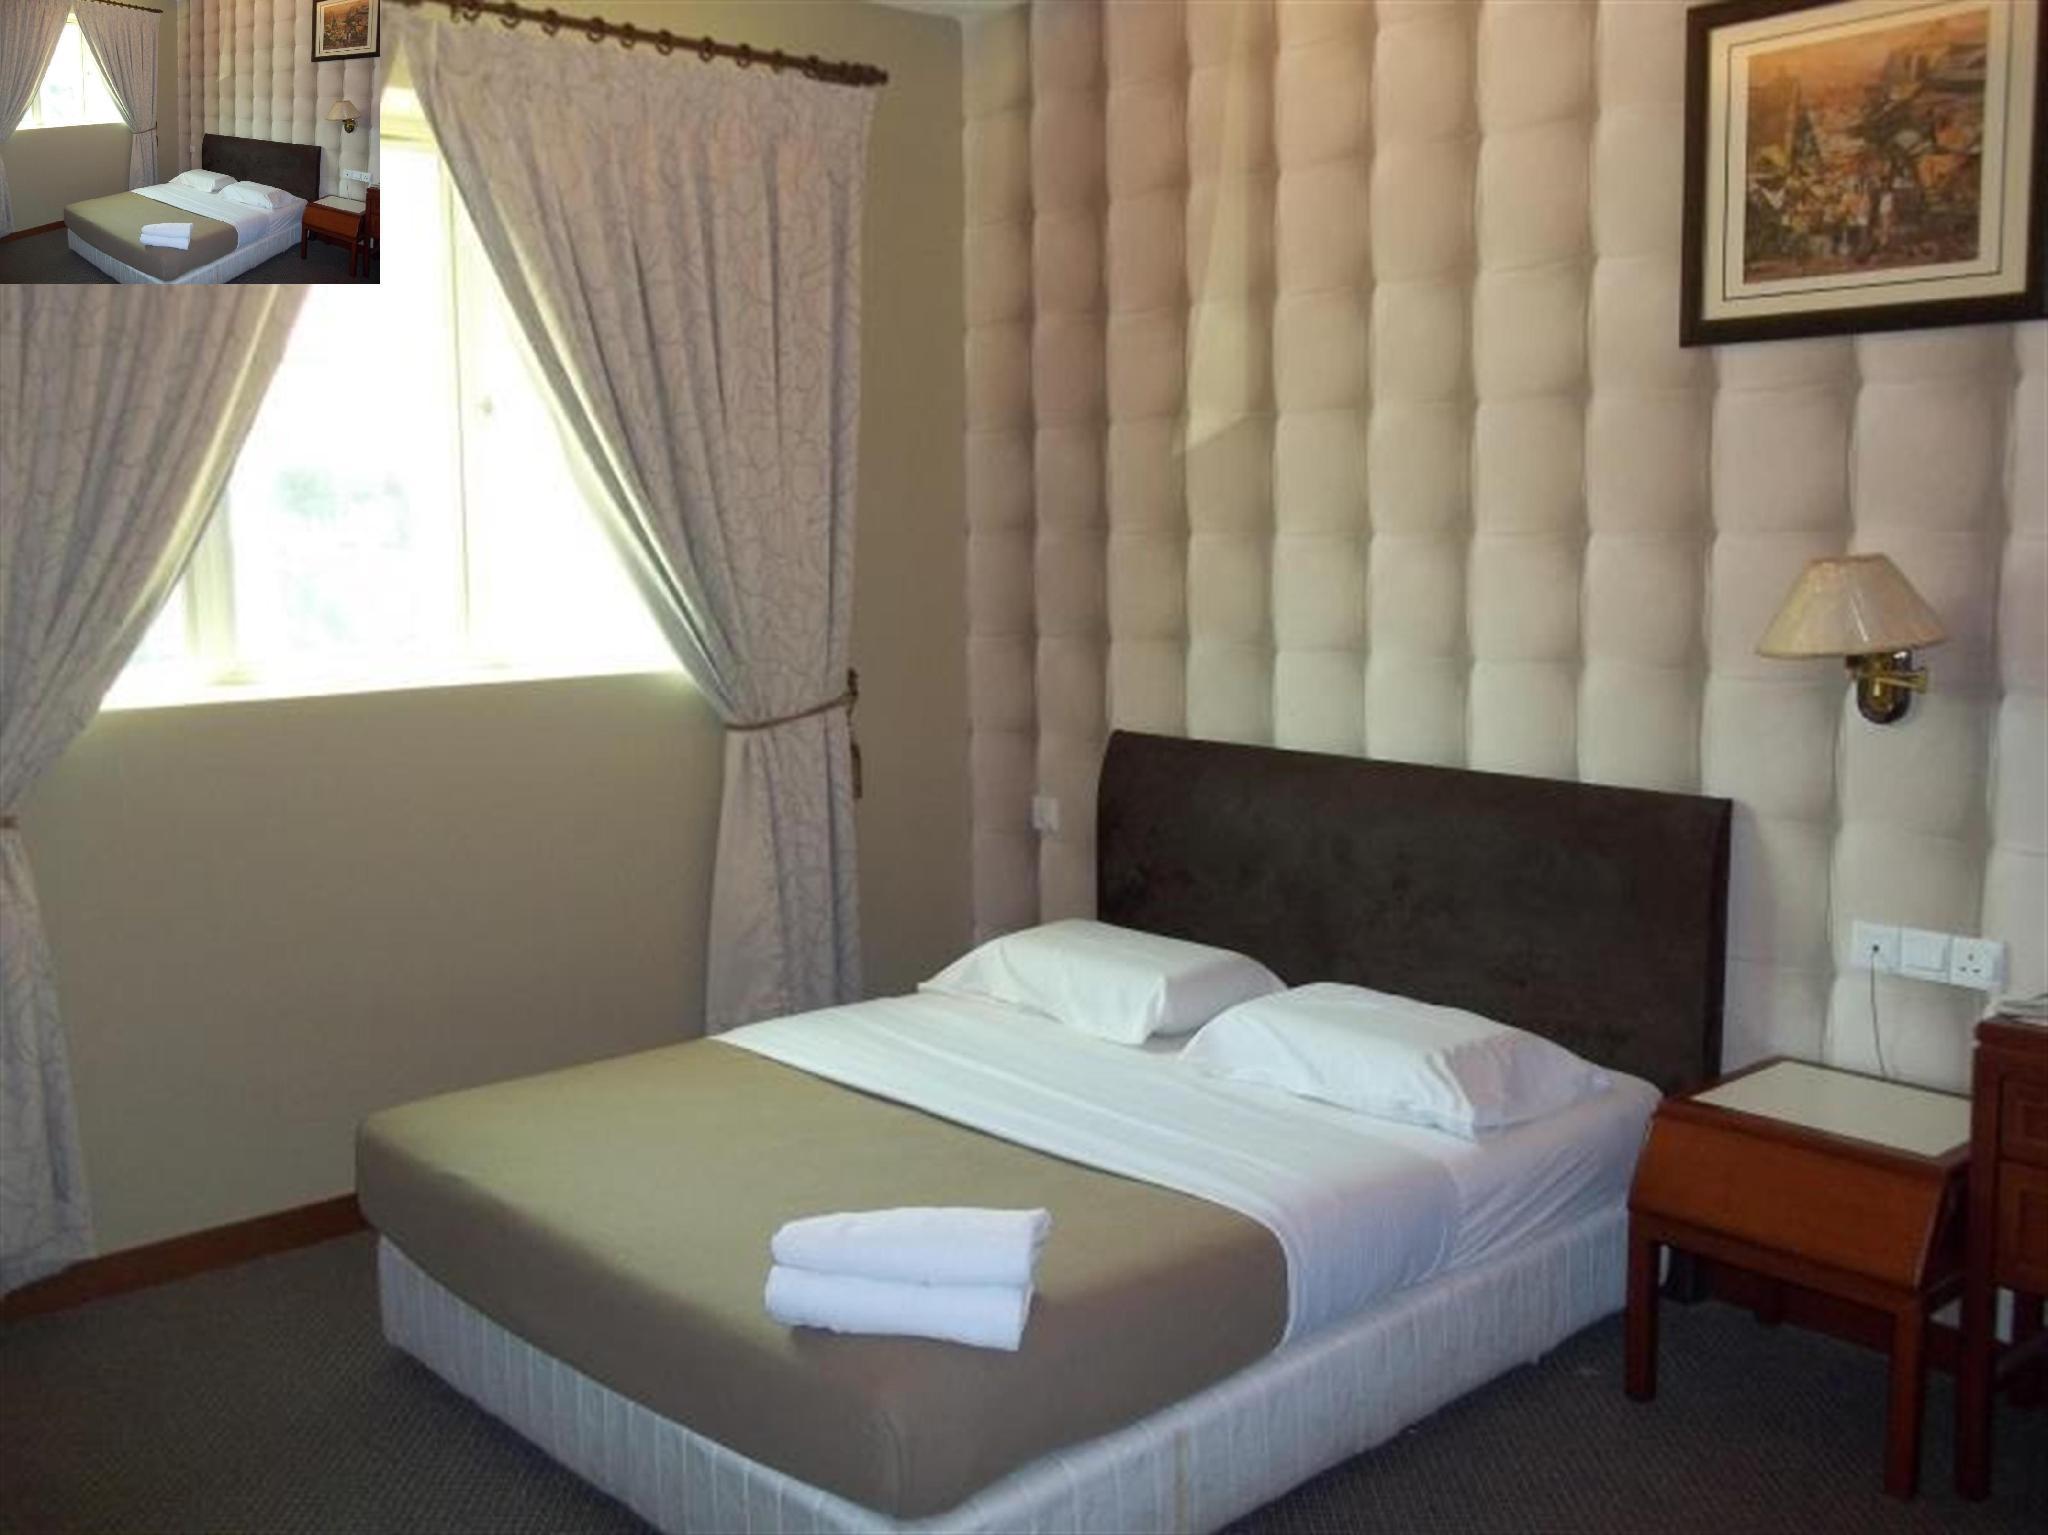 ディ イースタン ホテル17